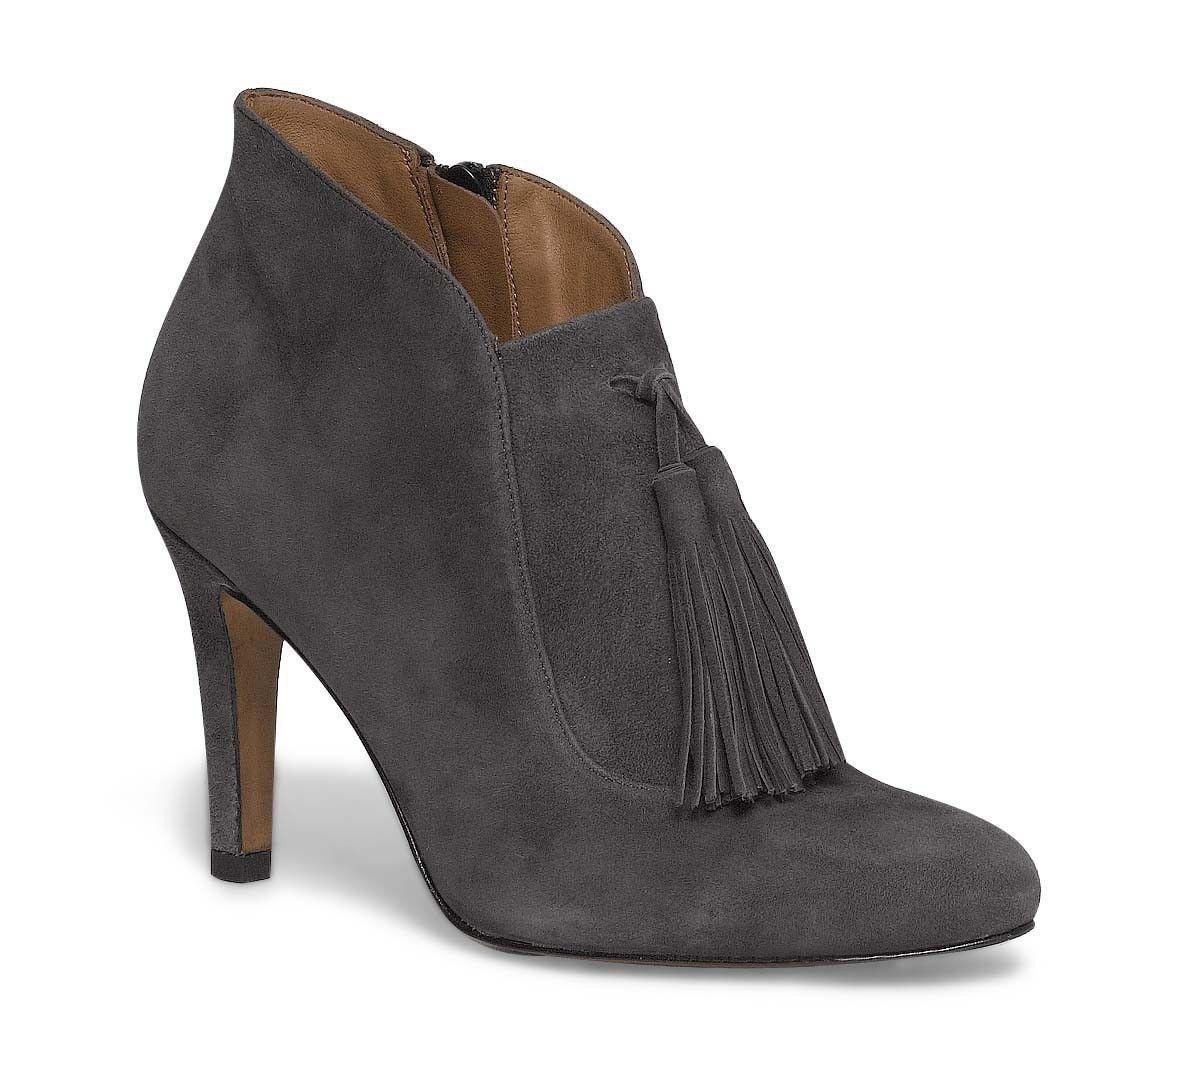 les 25 meilleures id es de la cat gorie bottines grises femme sur pinterest bottes grises. Black Bedroom Furniture Sets. Home Design Ideas